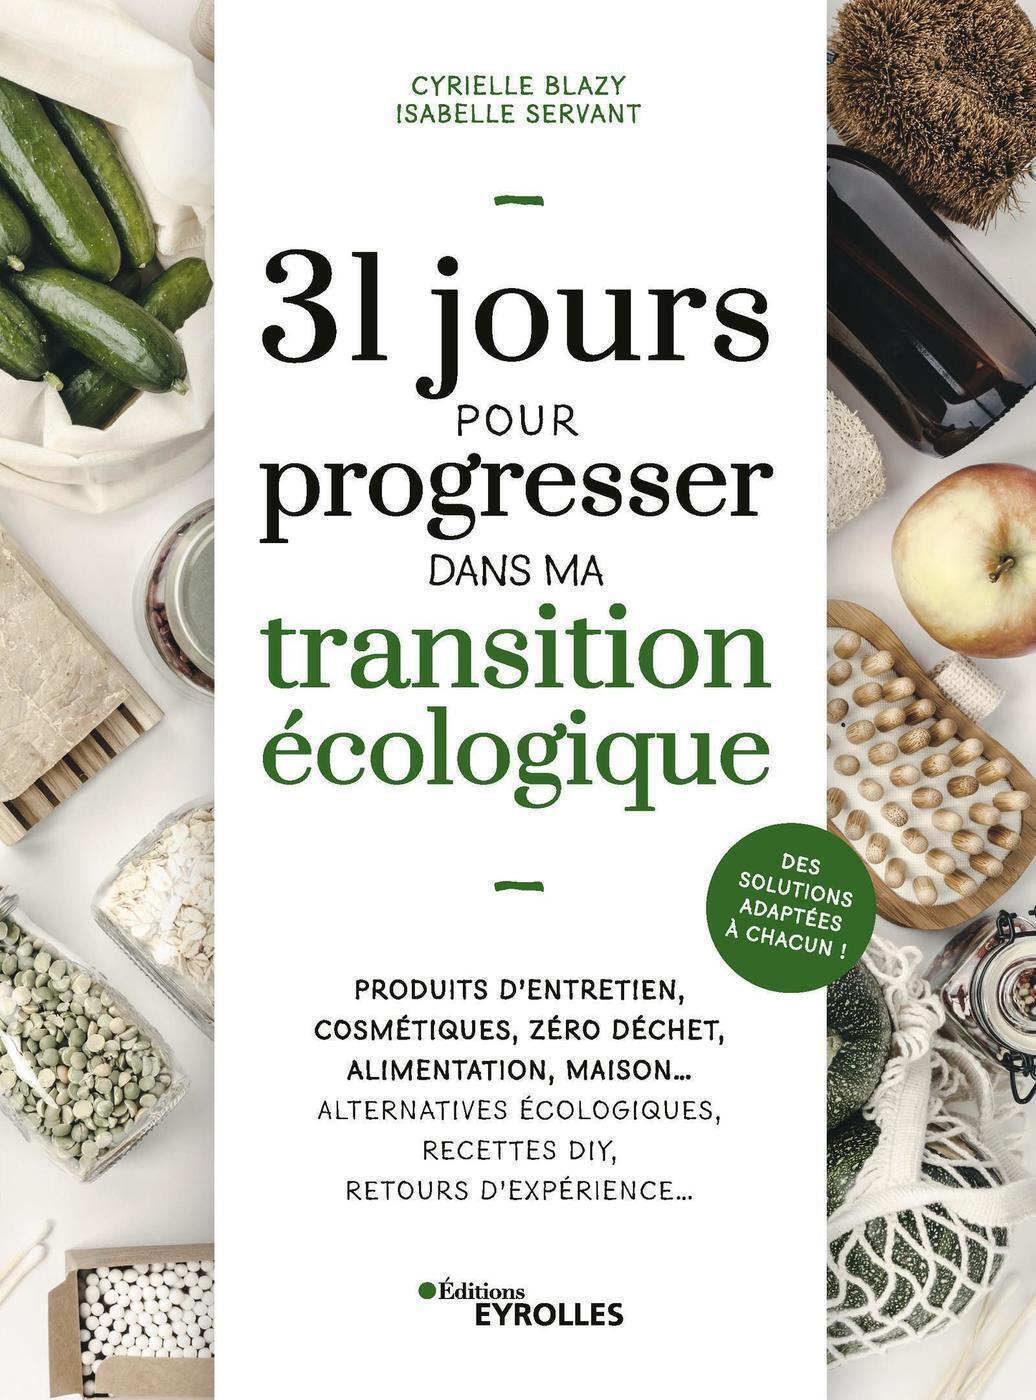 31 JOURS POUR PROGRESSER DANS MA TRANSITION ECOLOGIQUE - PRODUITS D'ENTRETIEN, COSMETIQUES, ZERO DEC